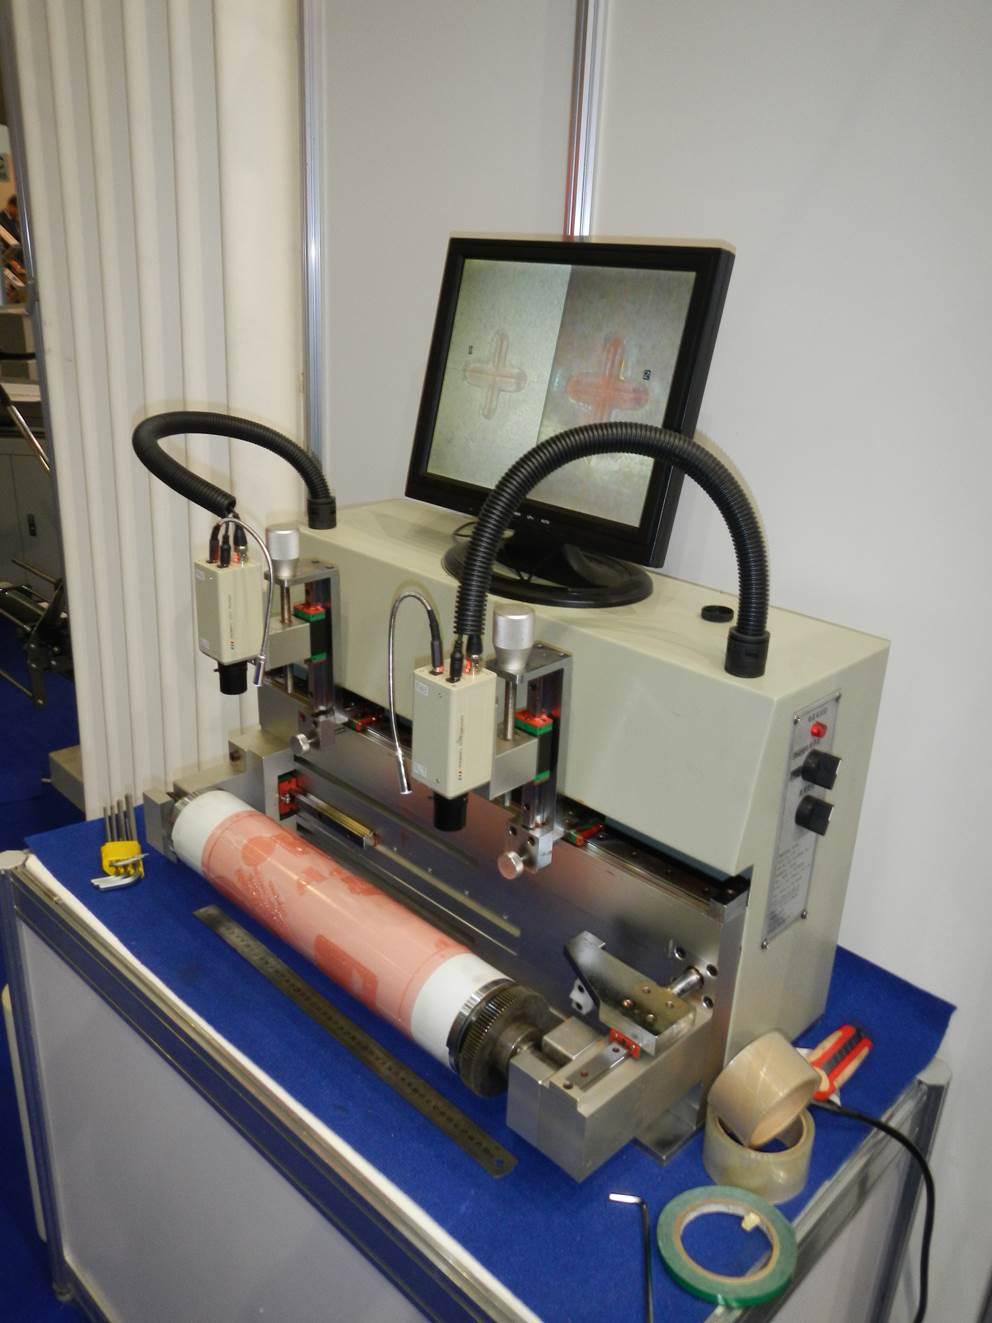 Описание системы наклейки флексографских форм на формный цилиндр SM-450, фотография - 11